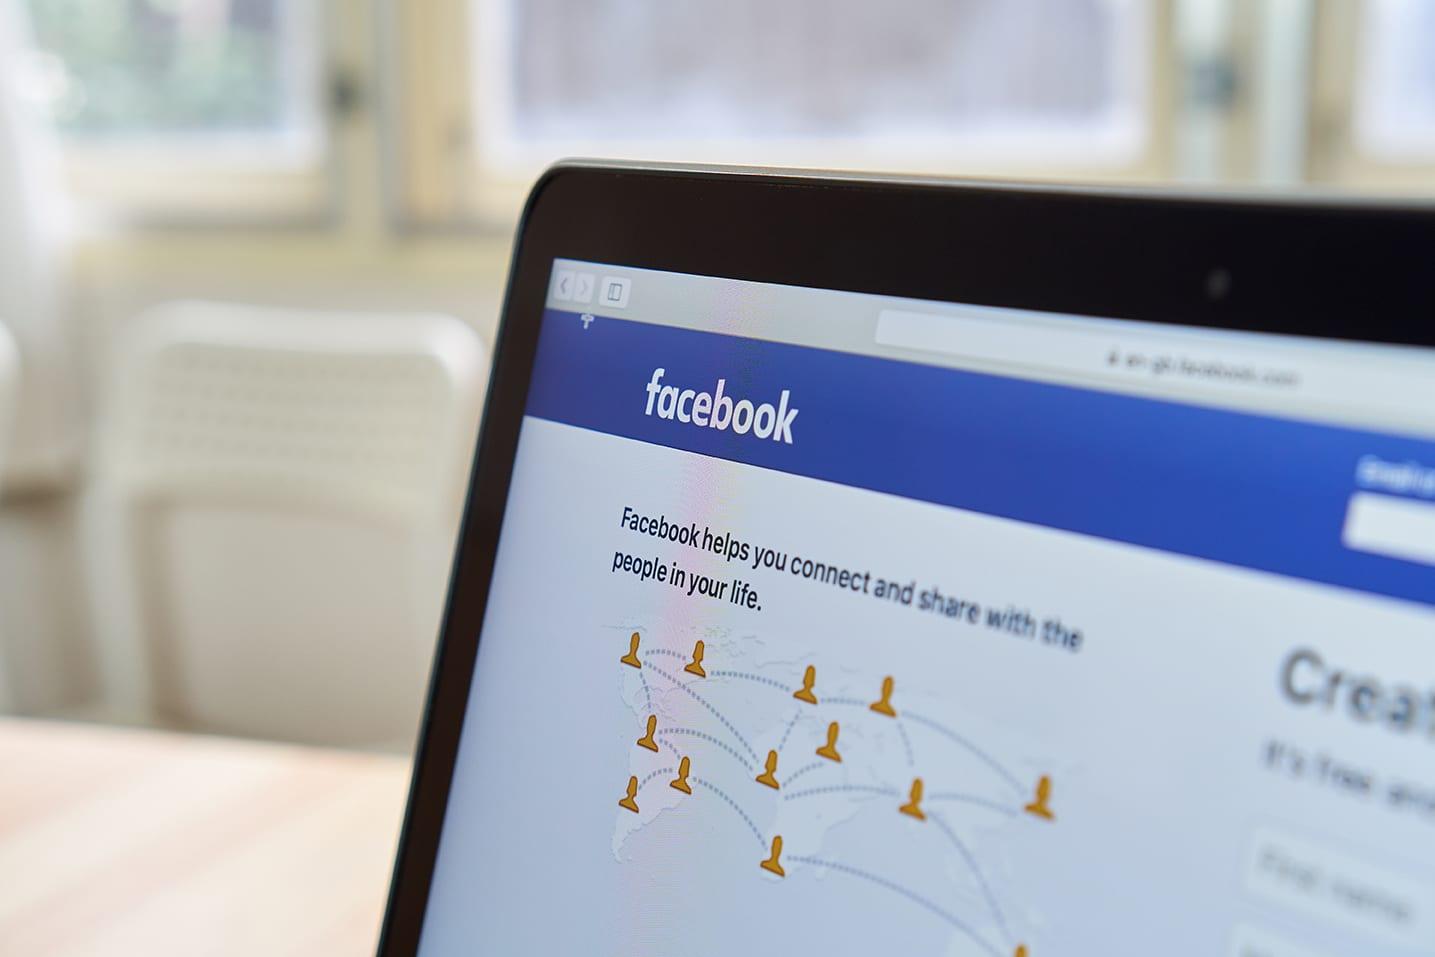 Jak założyć fanpage na FB - social media, media społecznościowe, obsługa Facebooka, fanpage, kobieca marka, Kobieca Strona Biznesu